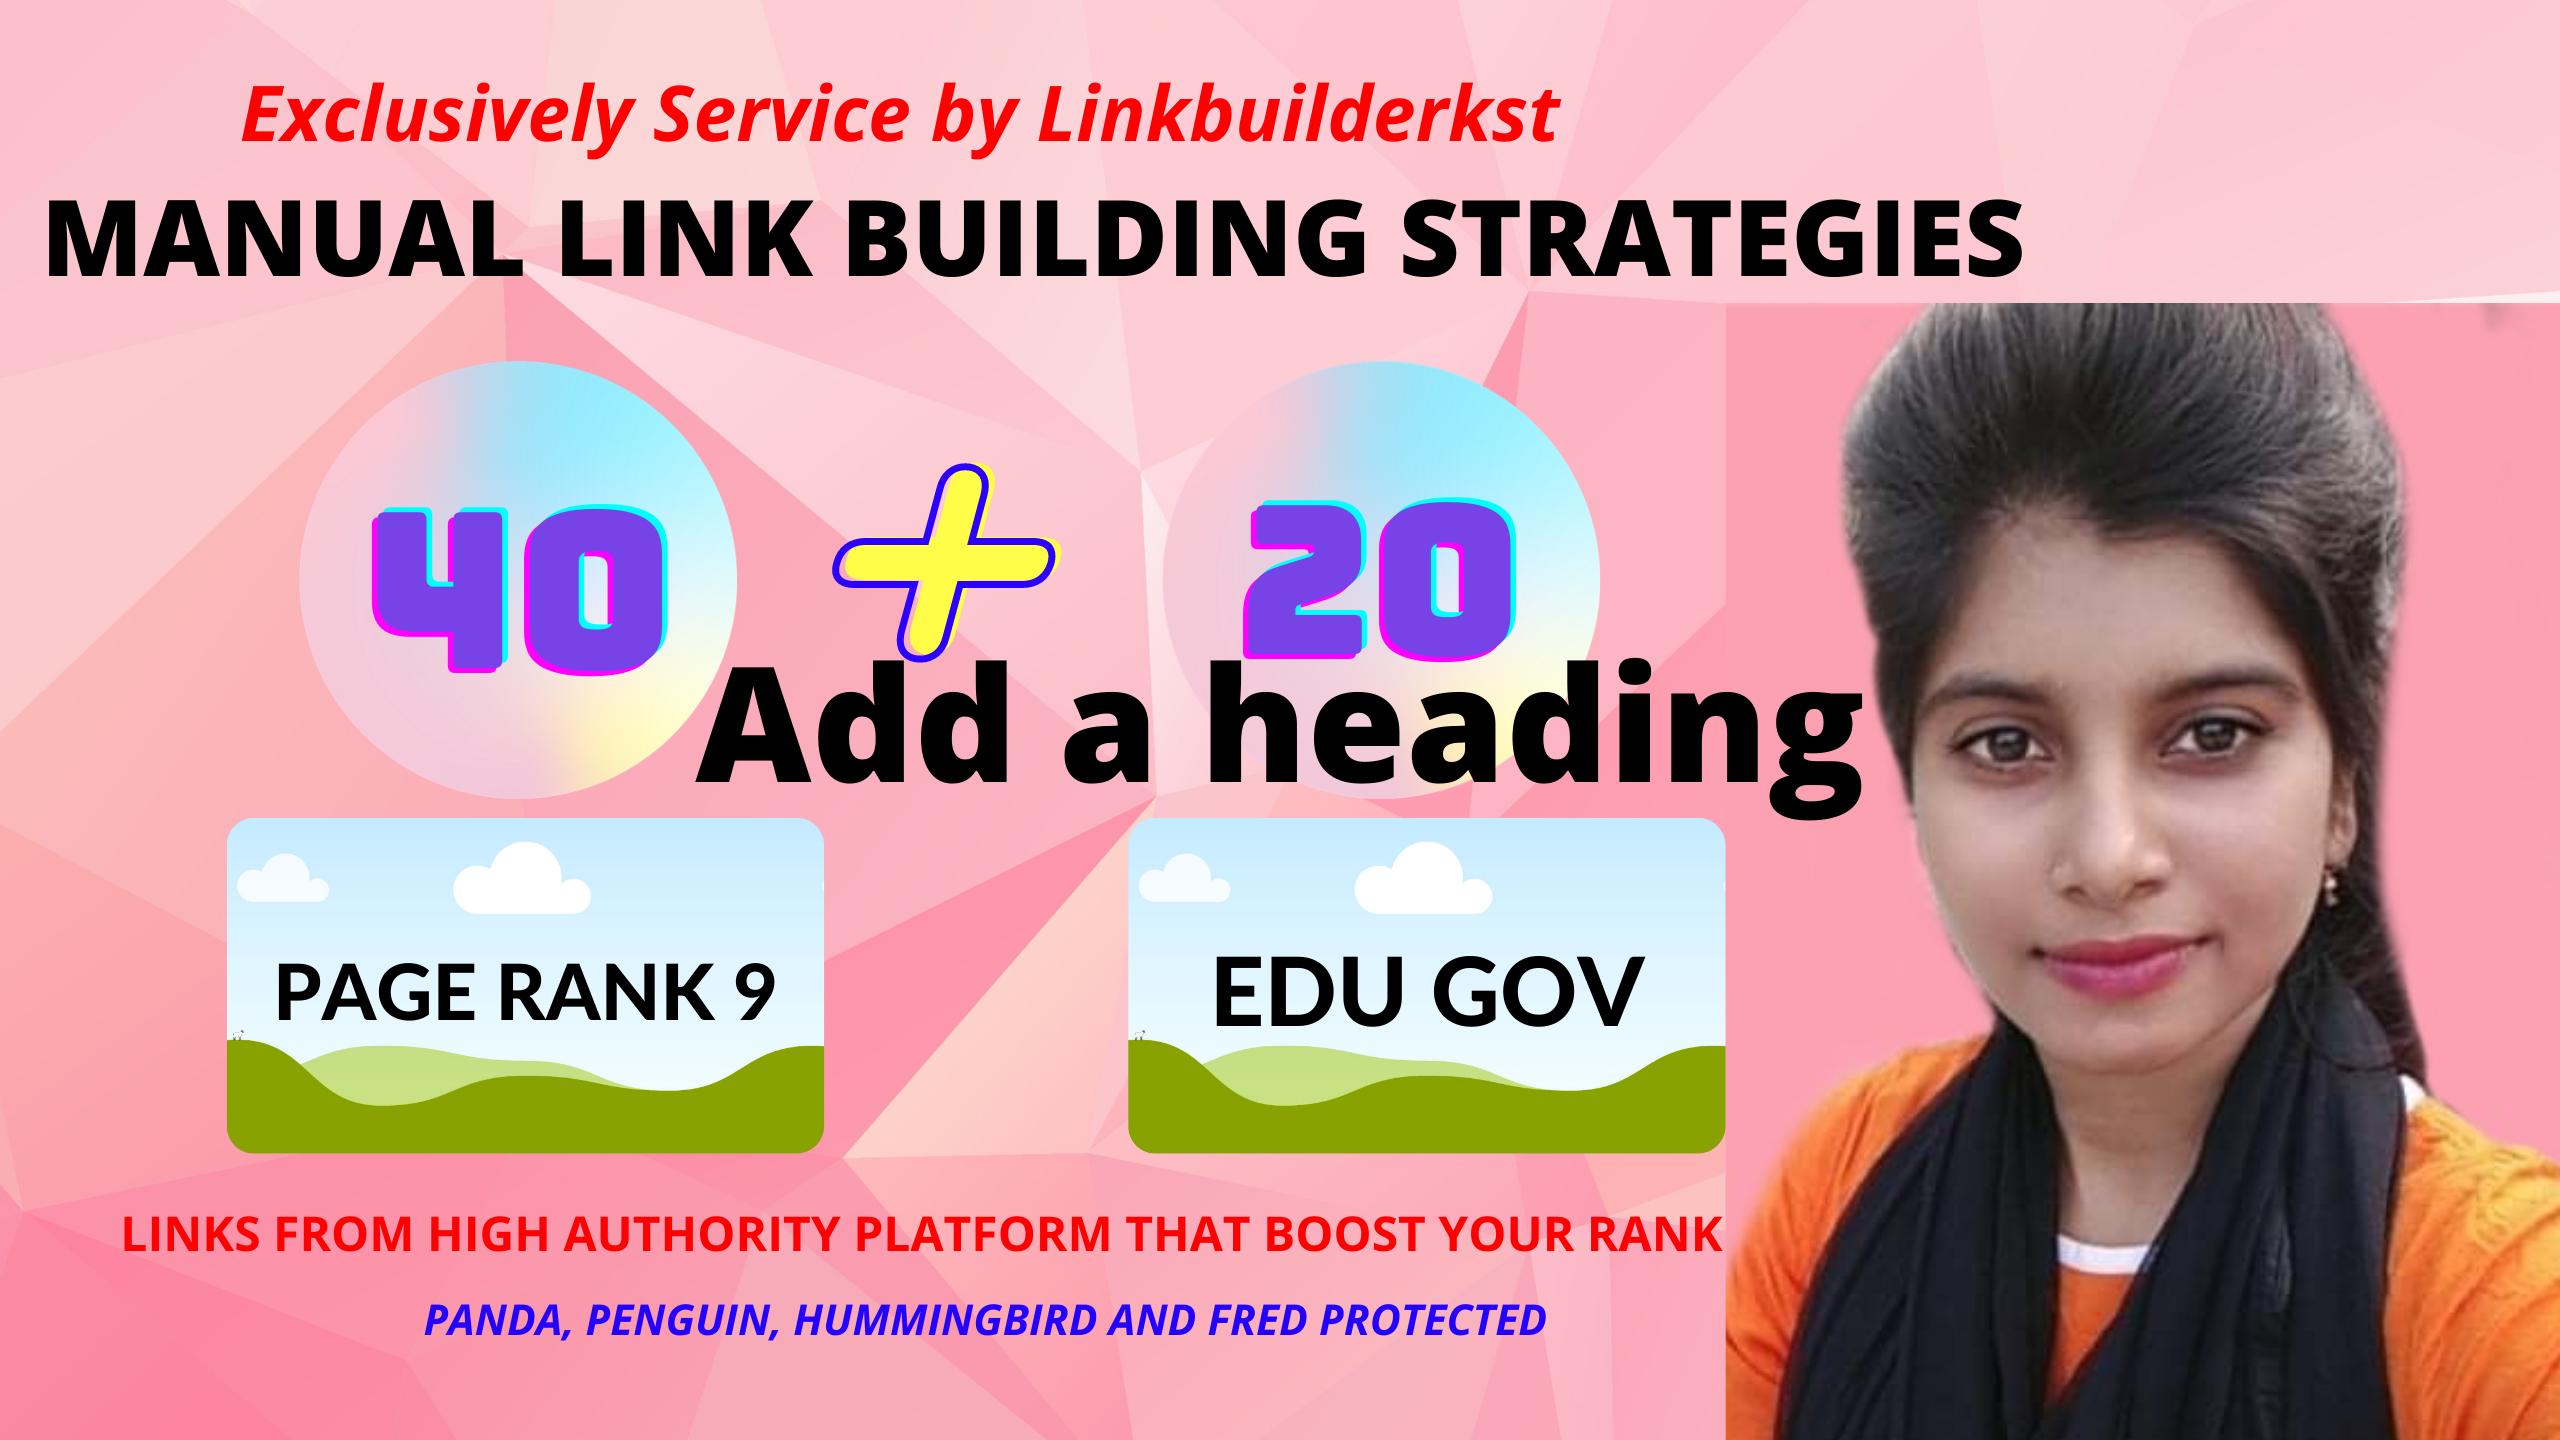 I will create manually do 40 PR9 + 20 EDU/GOV Safe SEO High Pr Backlinks